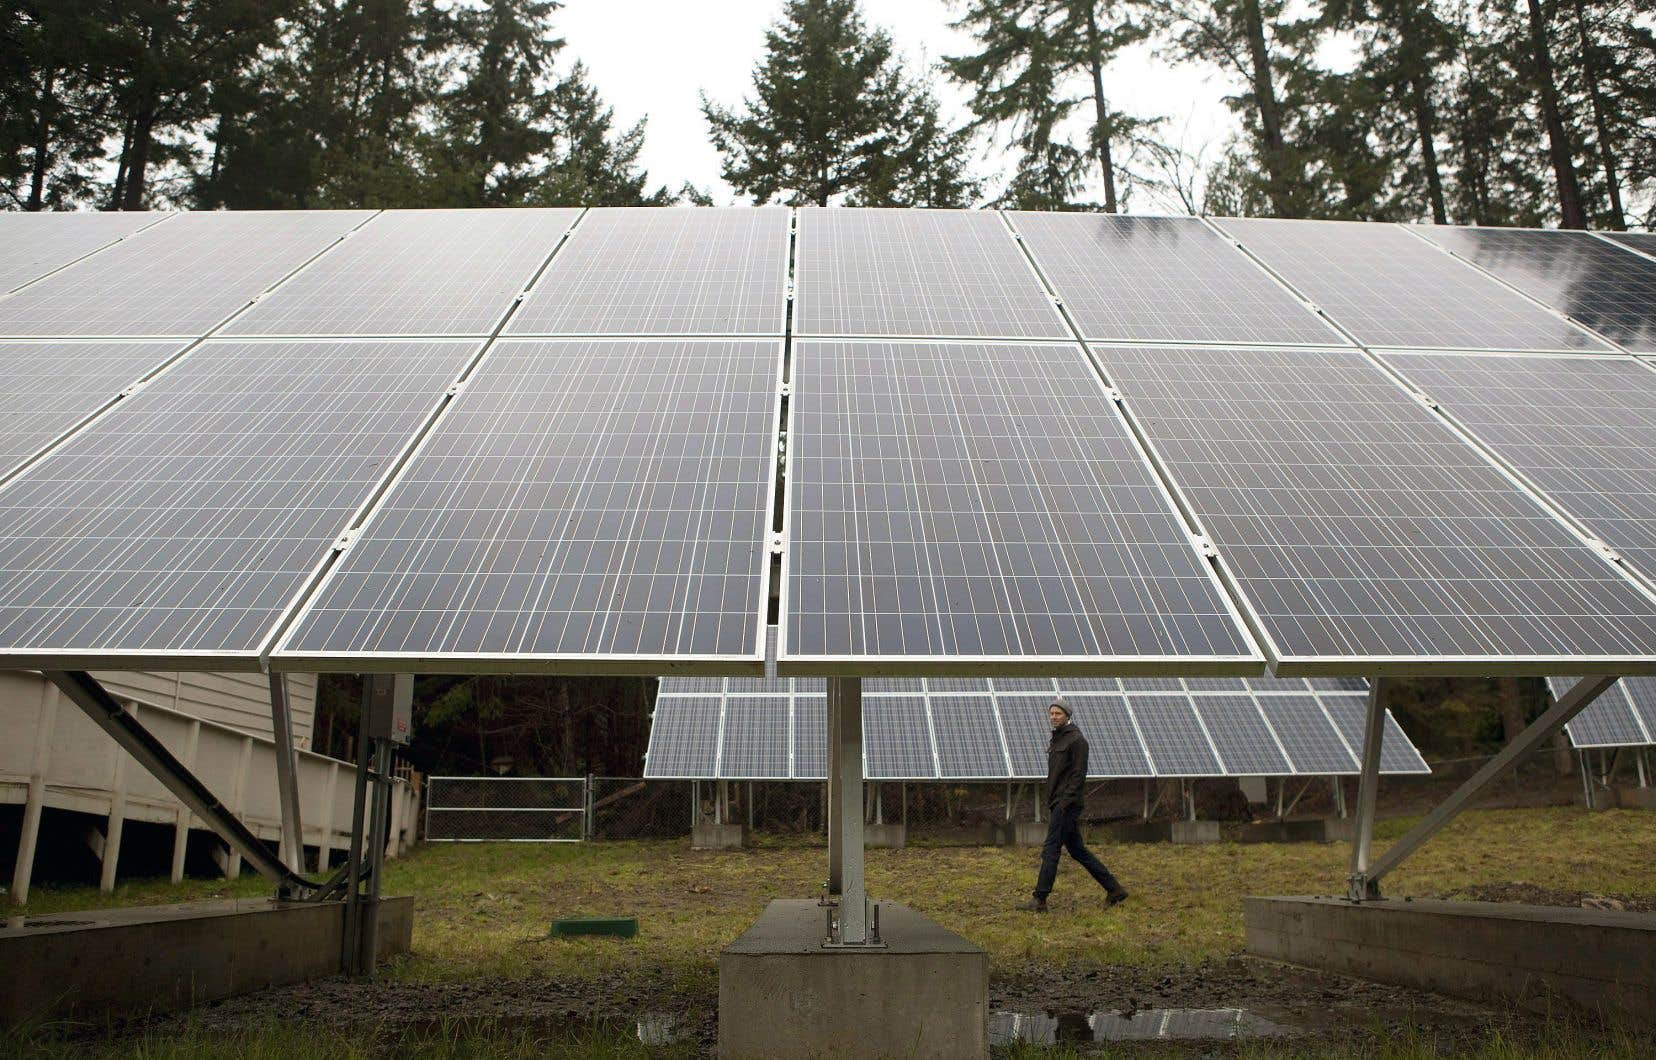 L'énergie solaire est de plus en plus populaire à travers la planète. Ci-dessus, les installations d'une école en Colombie-Britannique qui s'est convertie au solaire en 2016.